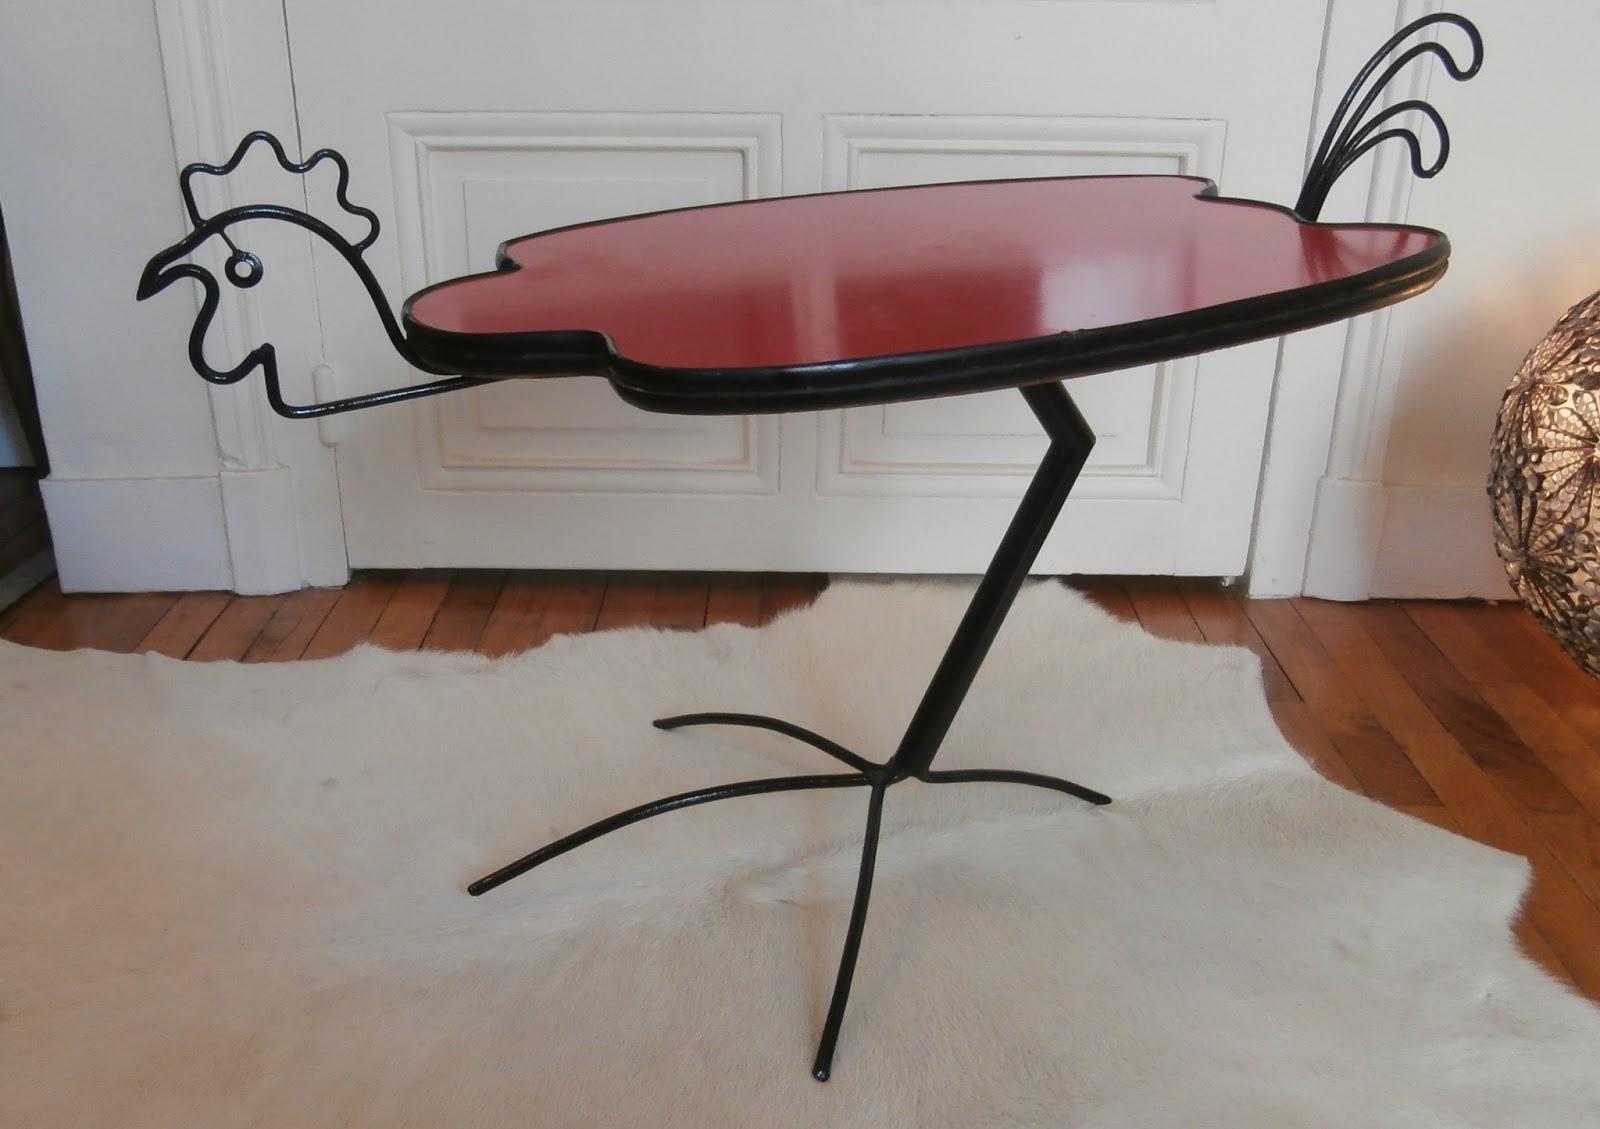 Table Basse En Formica durée de vie indéterminée: table basse poule en formica rouge